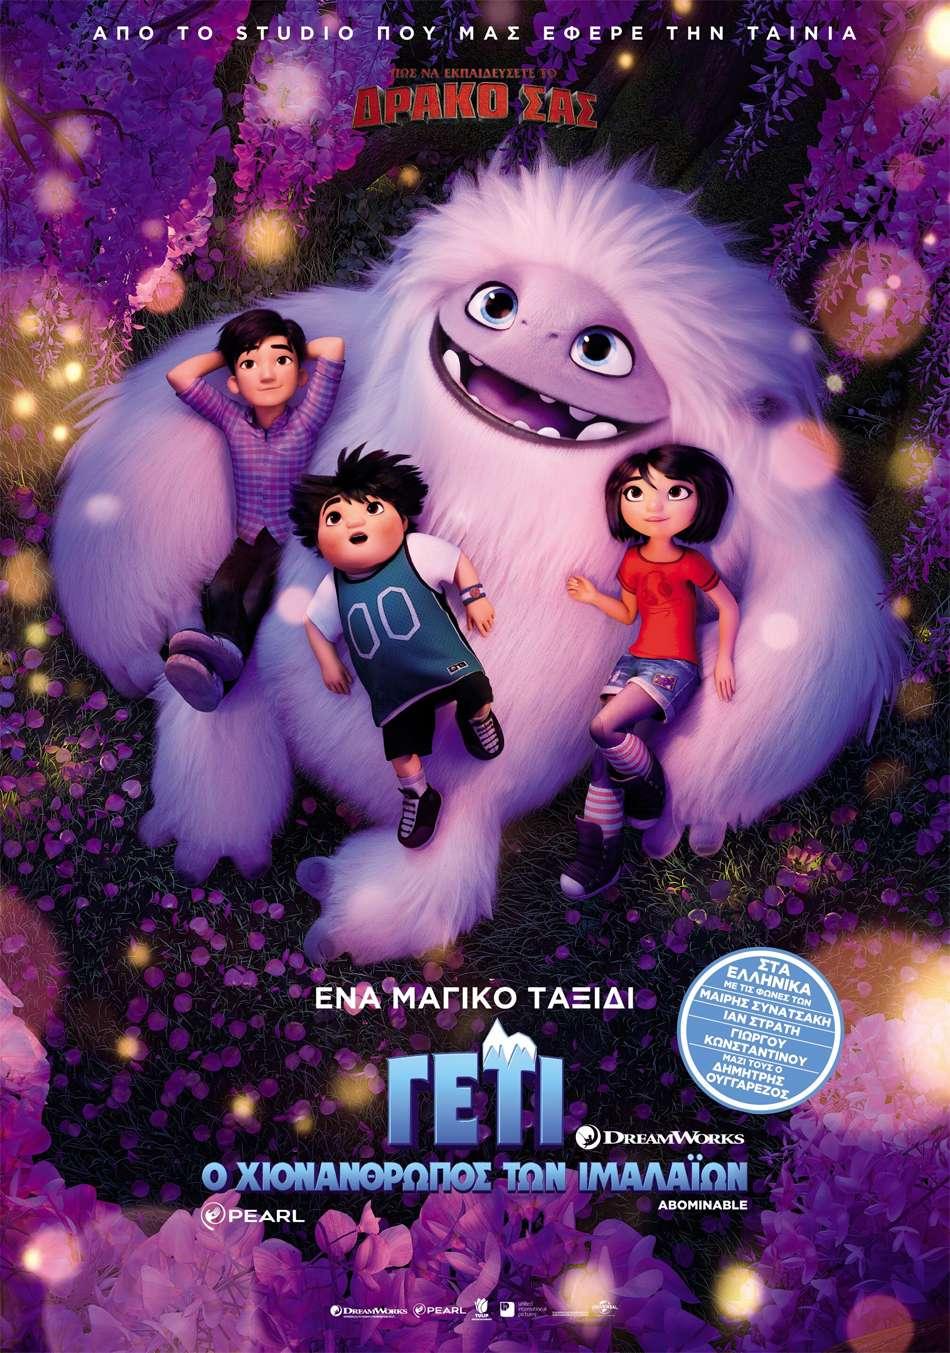 Γέτι: ο Χιονάνθρωπος των Ιμαλαΐων (Abominable) - Trailer / Τρέιλερ Poster